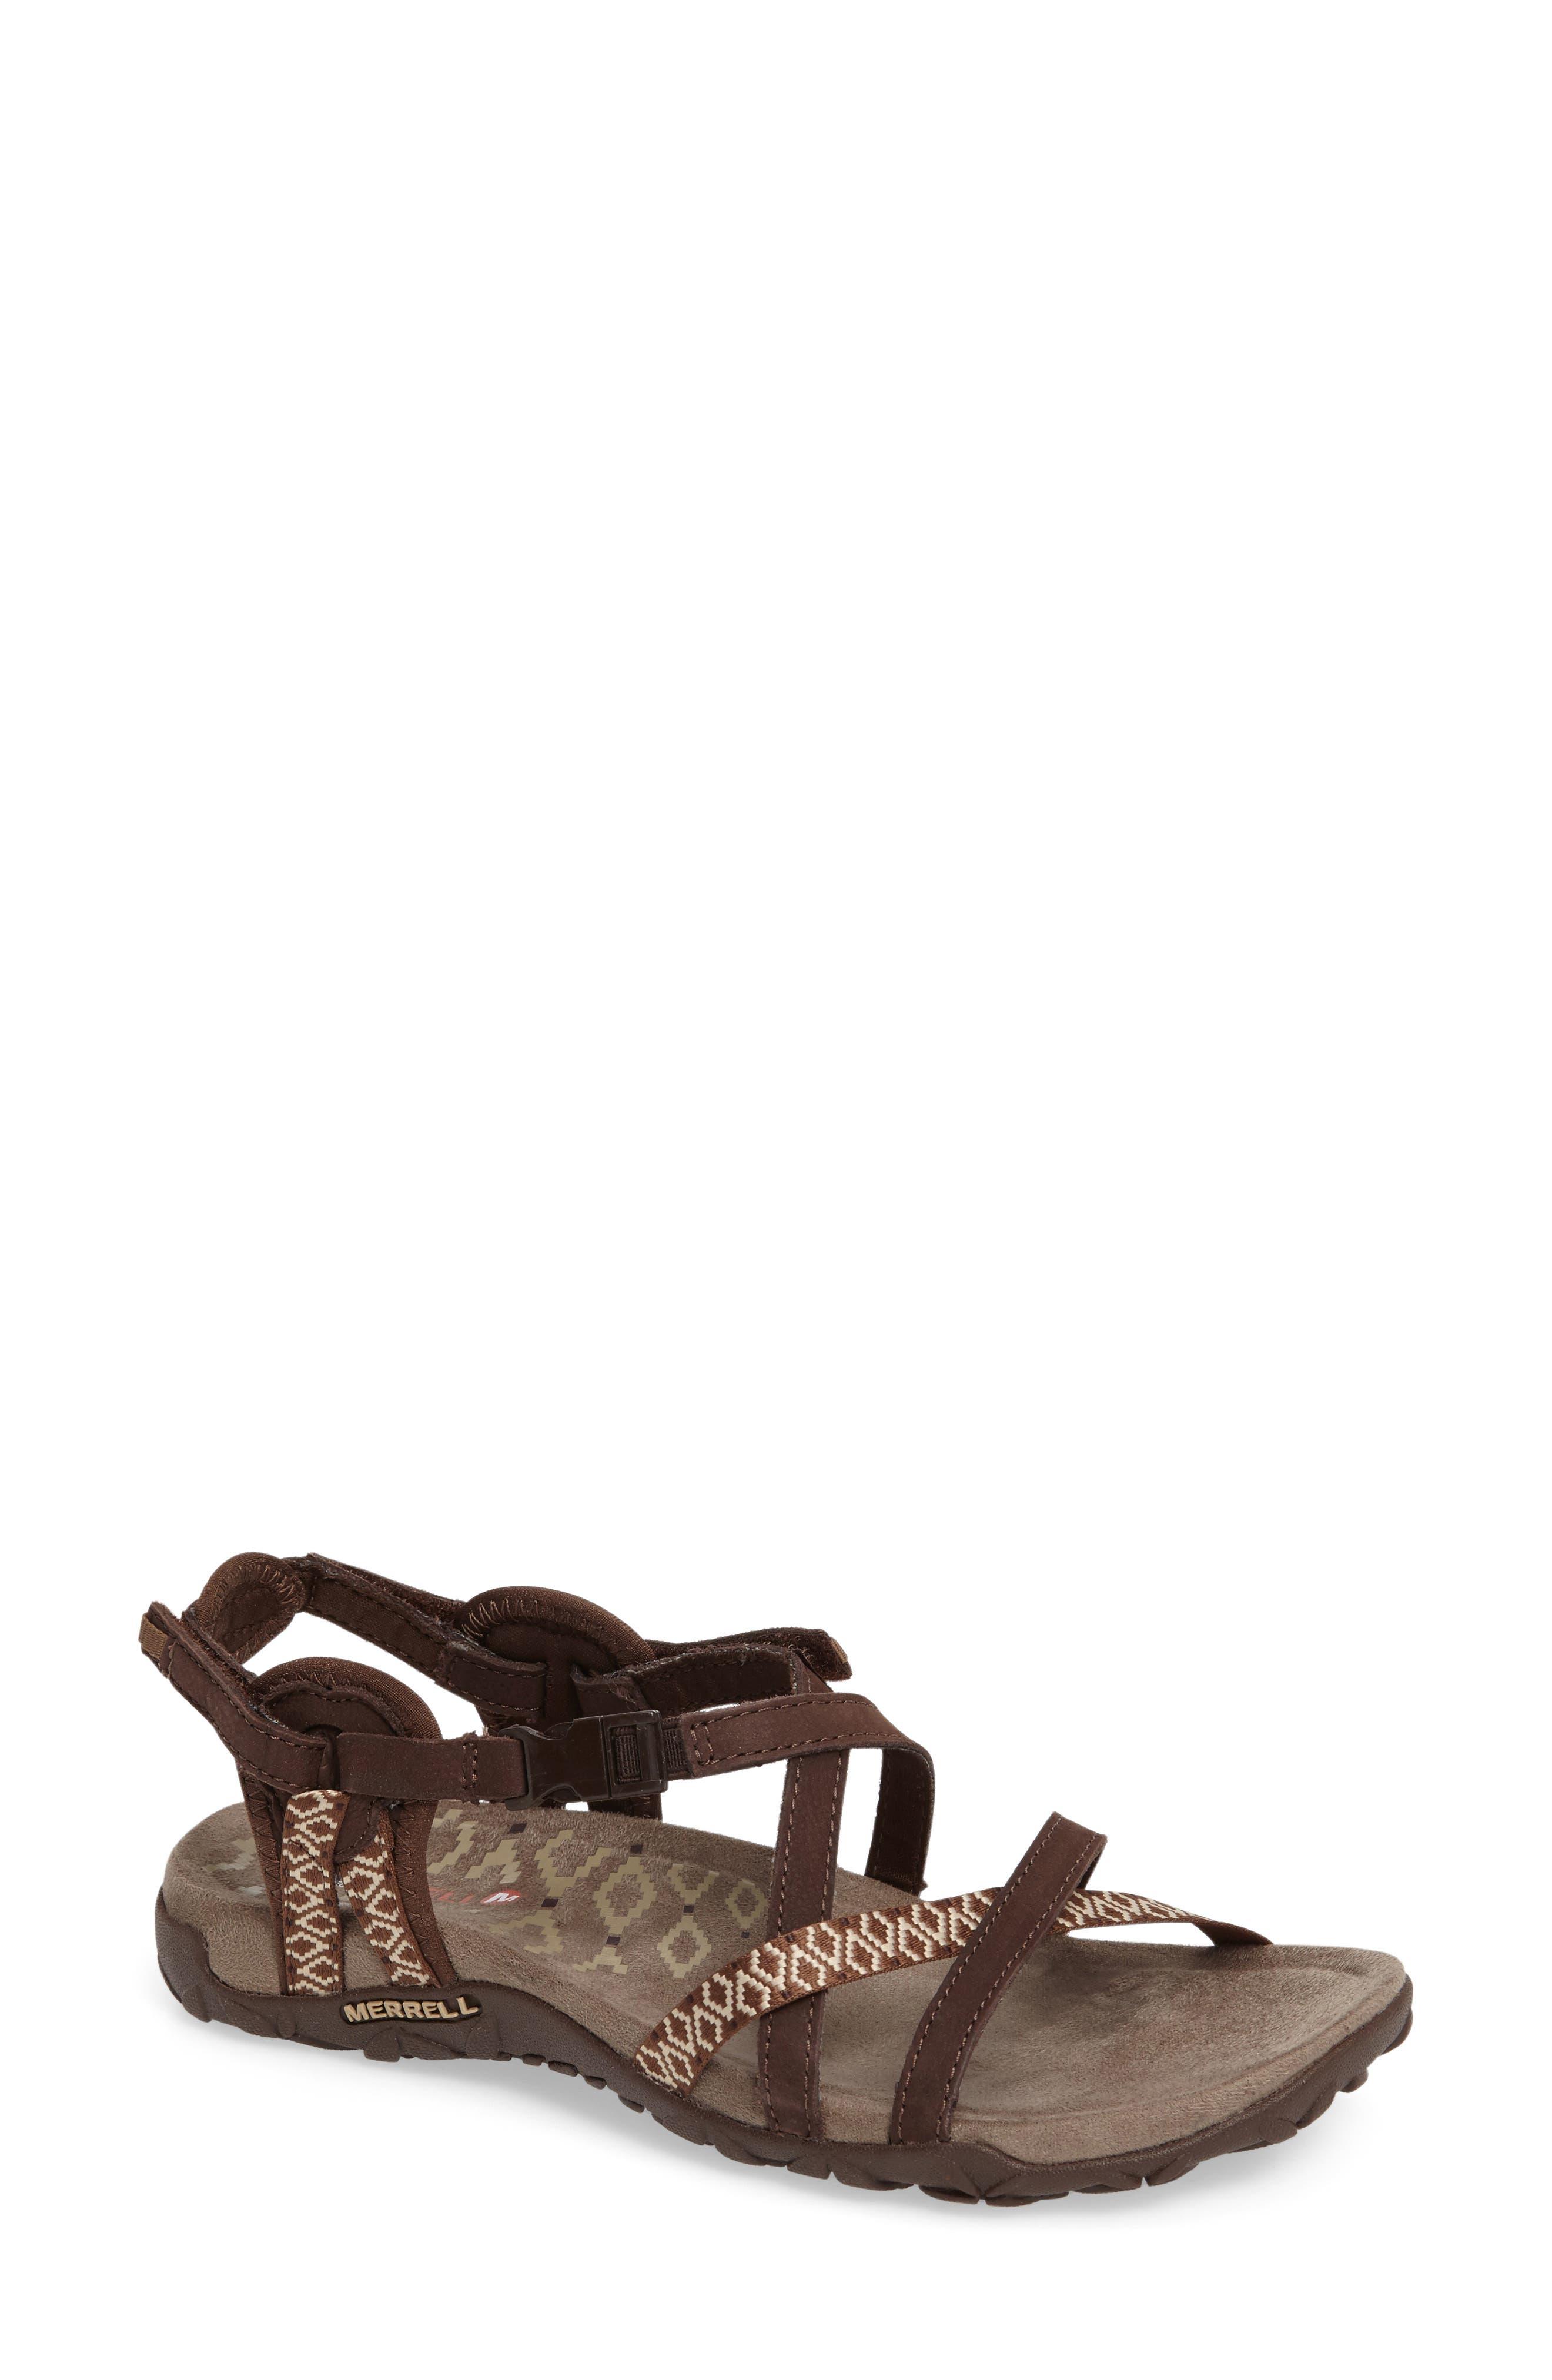 Merrell 'Terran Lattice II' Sandal (Women)